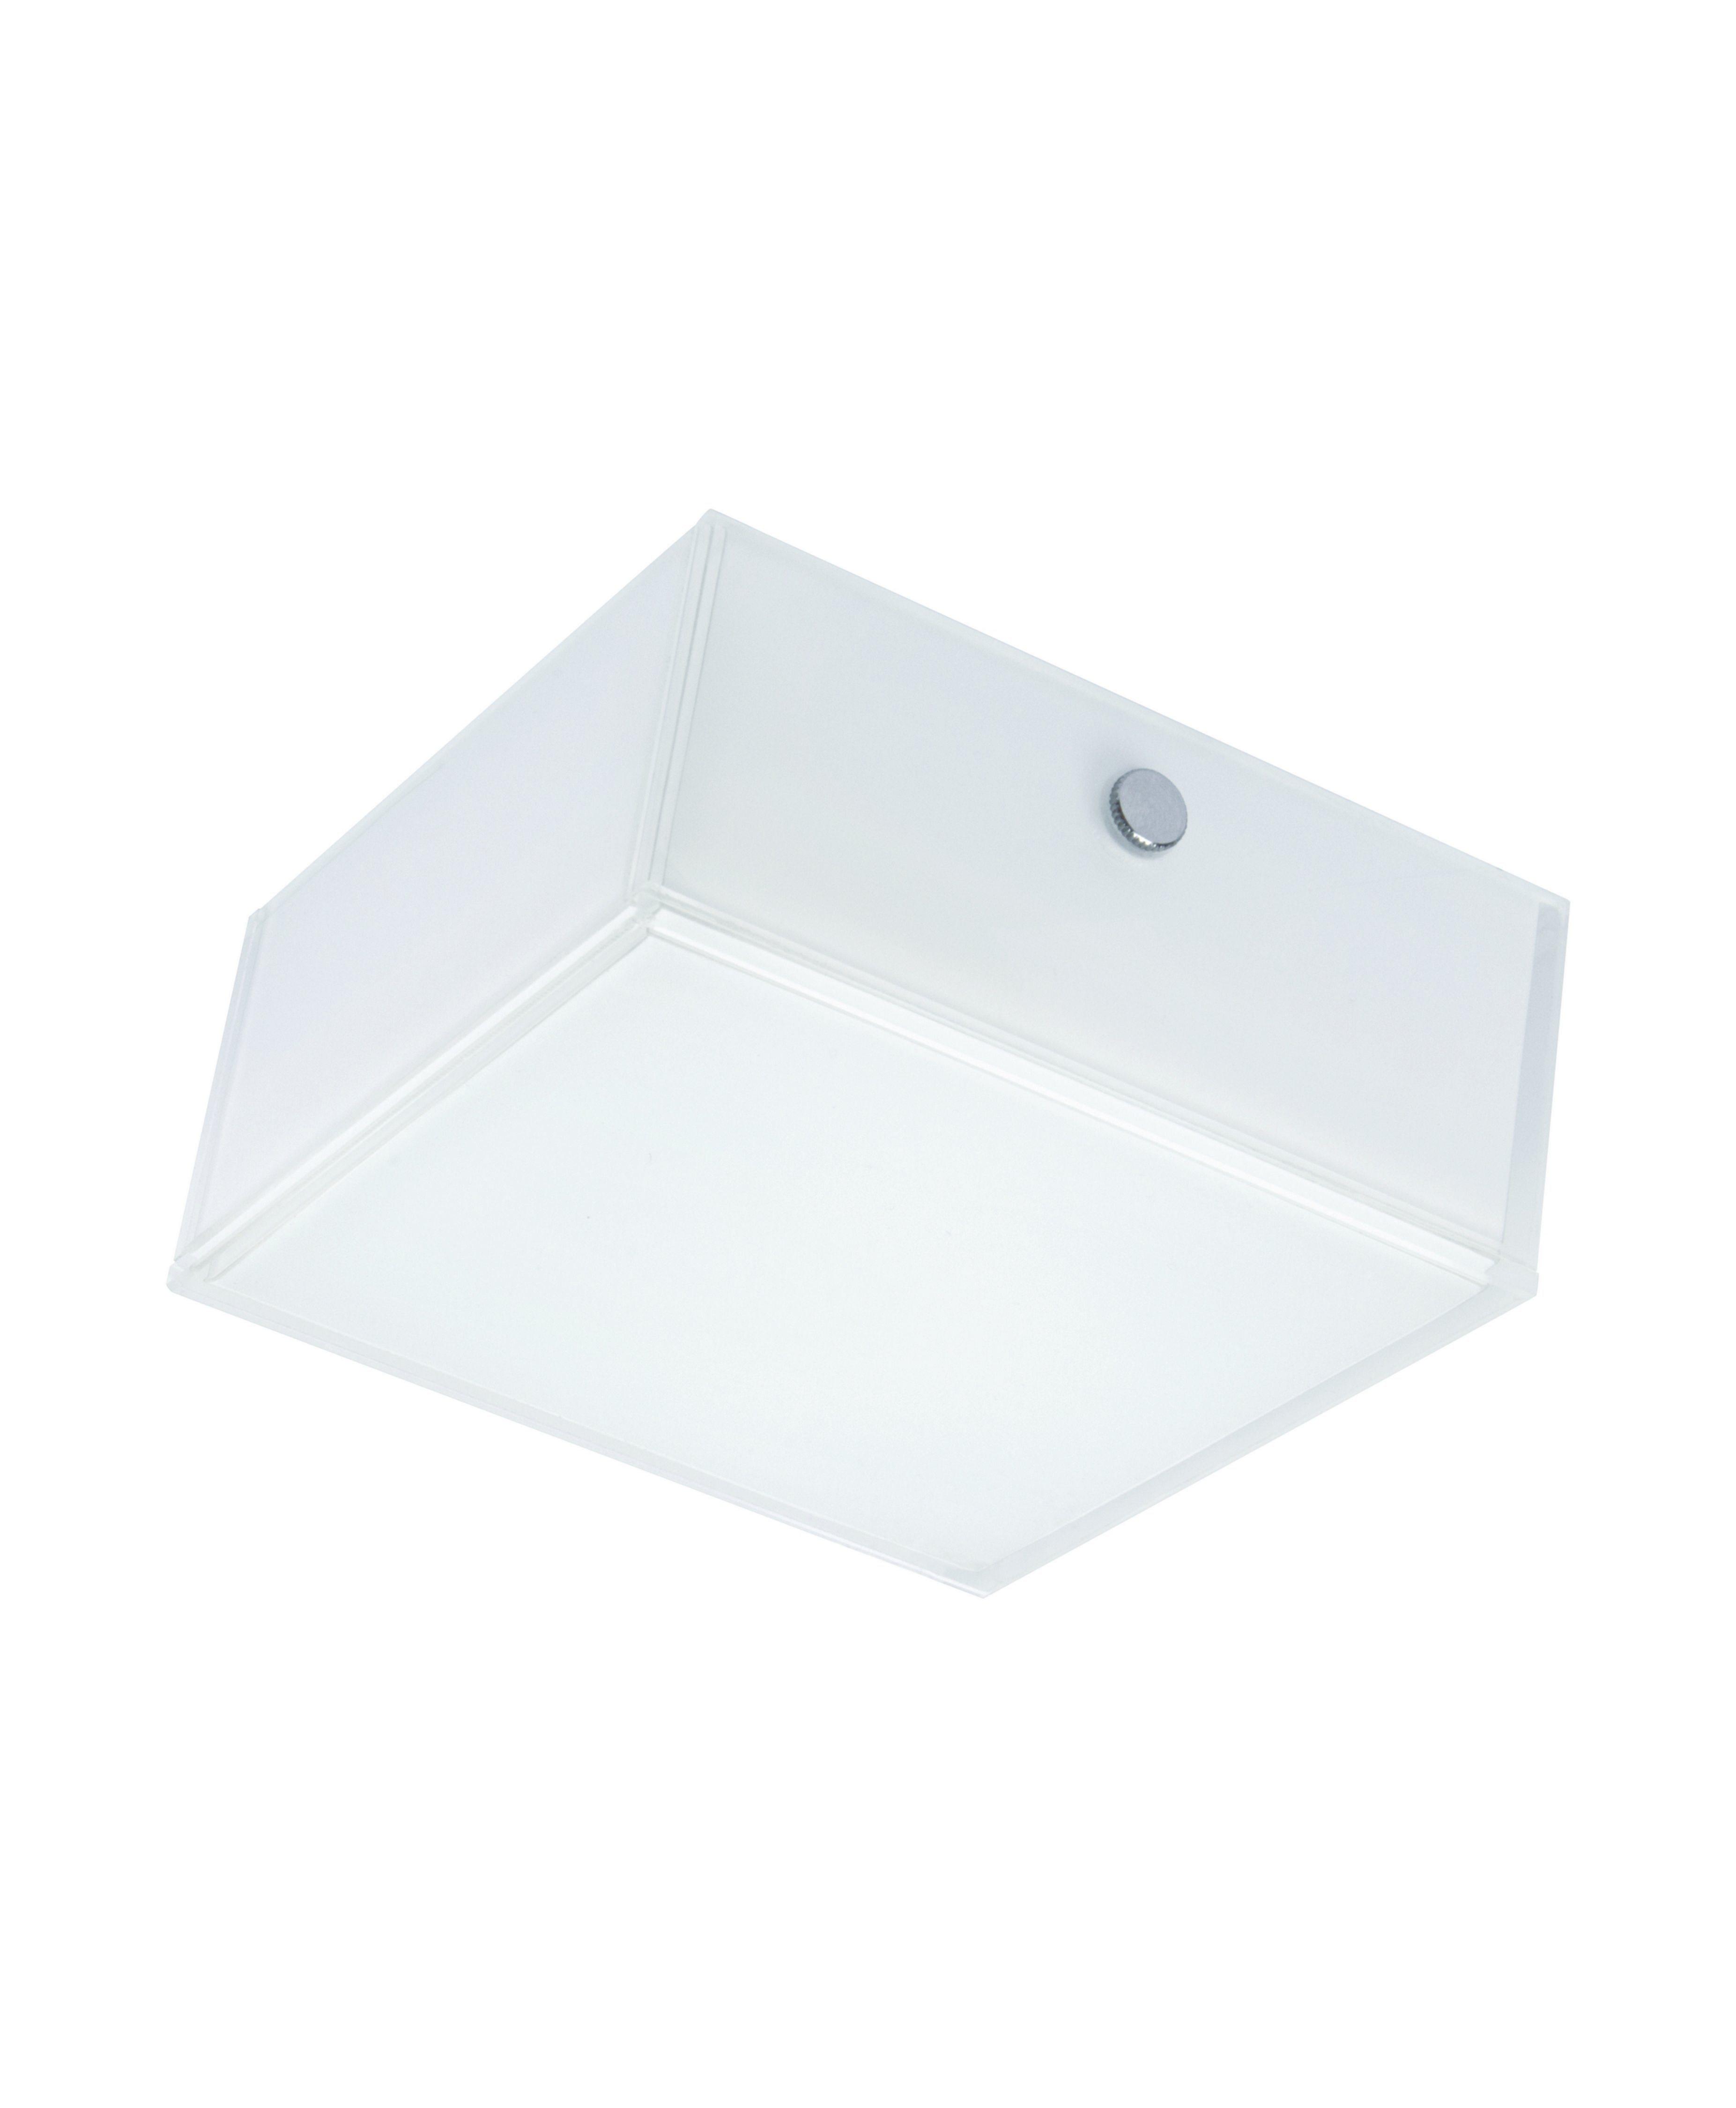 LED Wand- und Deckenleuchte mit Glasabdeckung / 11 cm »LUNIVE QUADRO 8 W 830 3000 K«